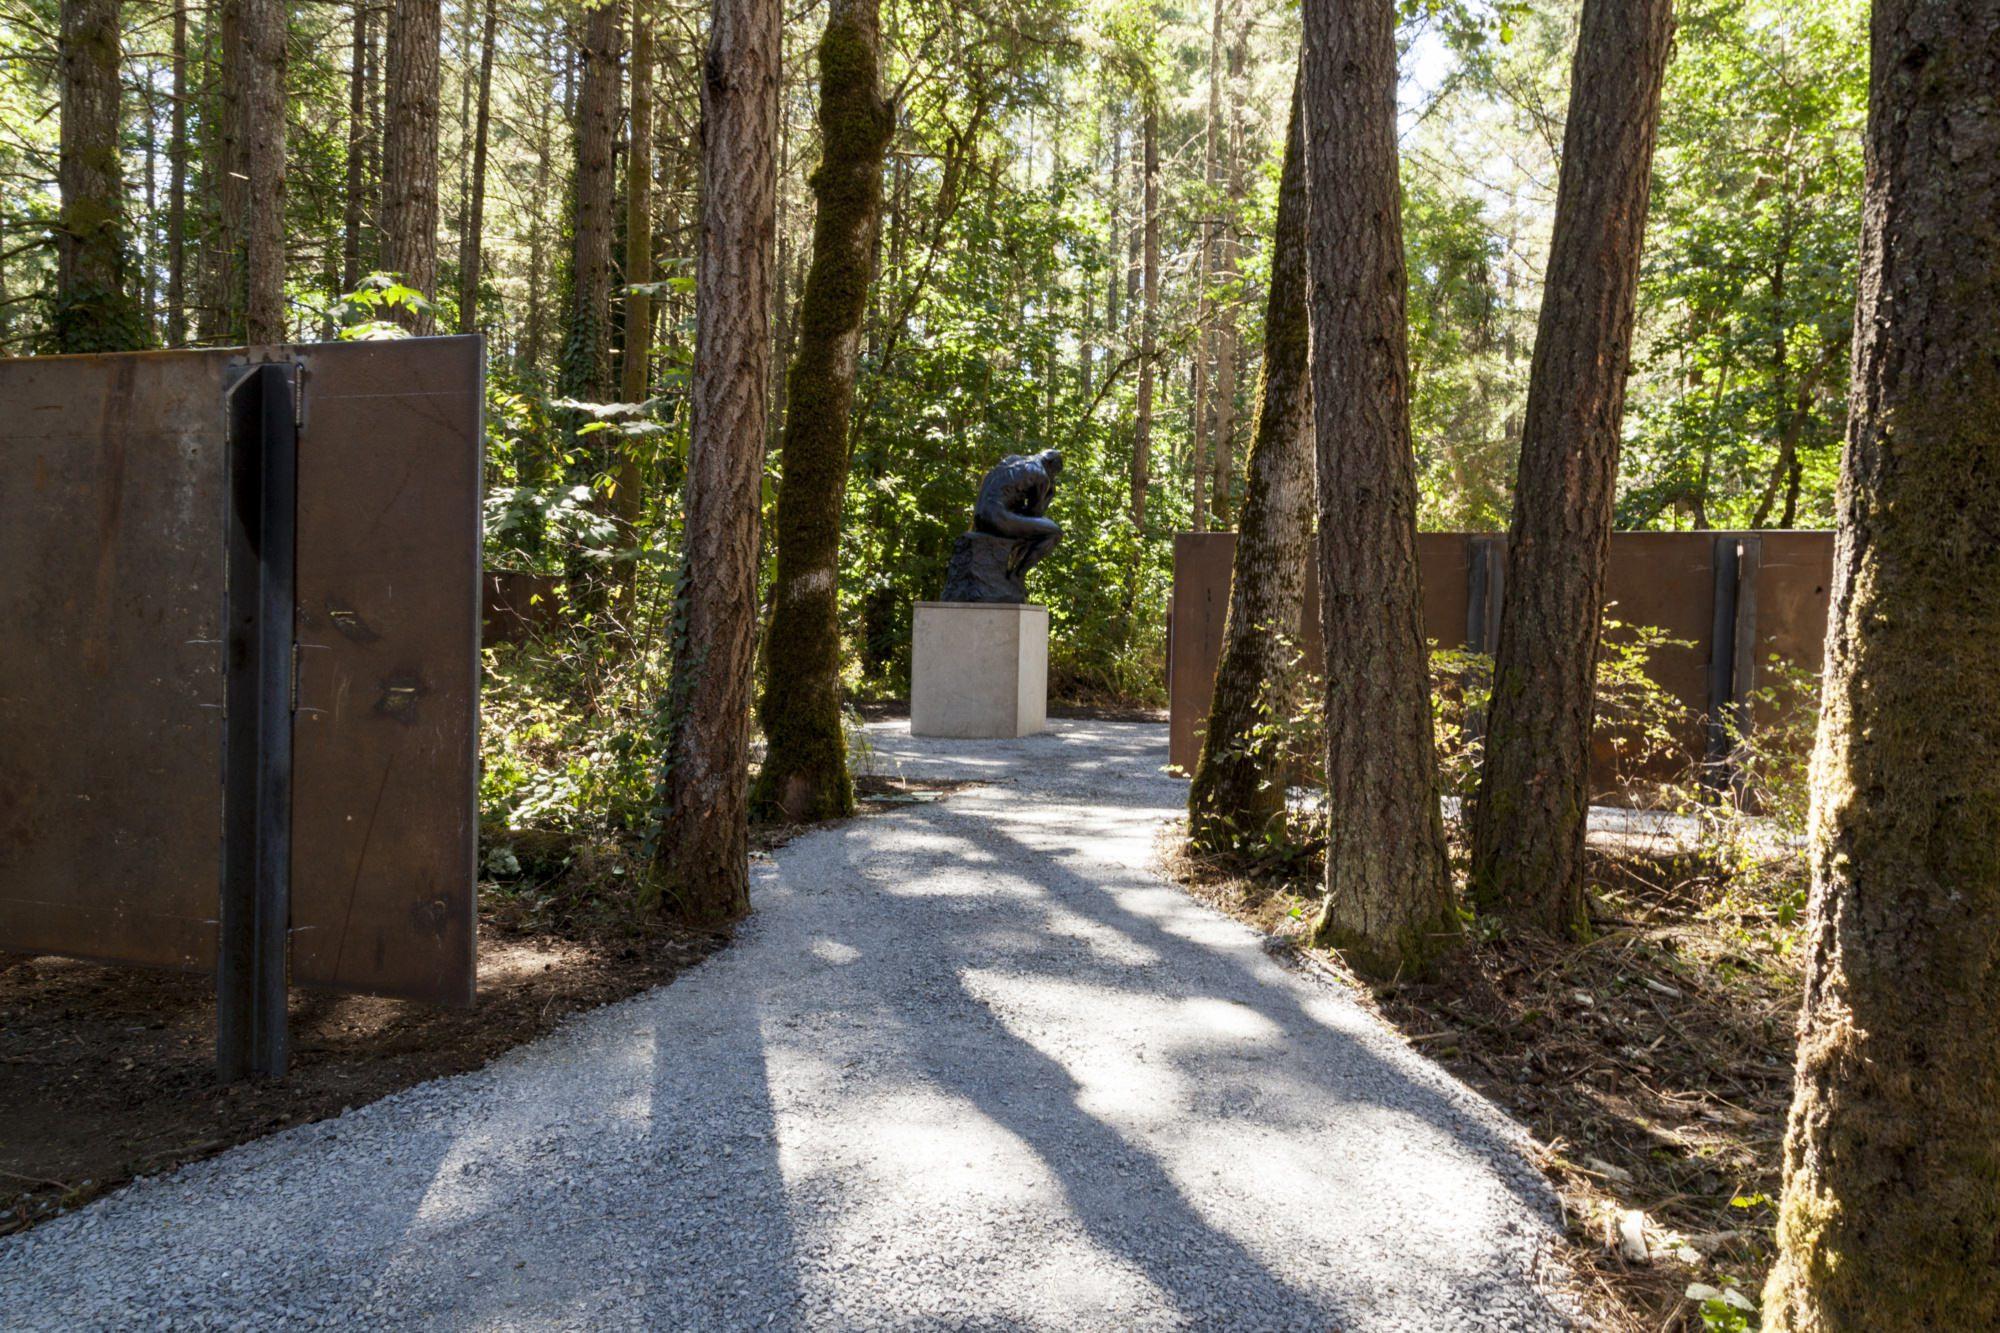 Rodin sculpture at the LeMay Sculpture Garden